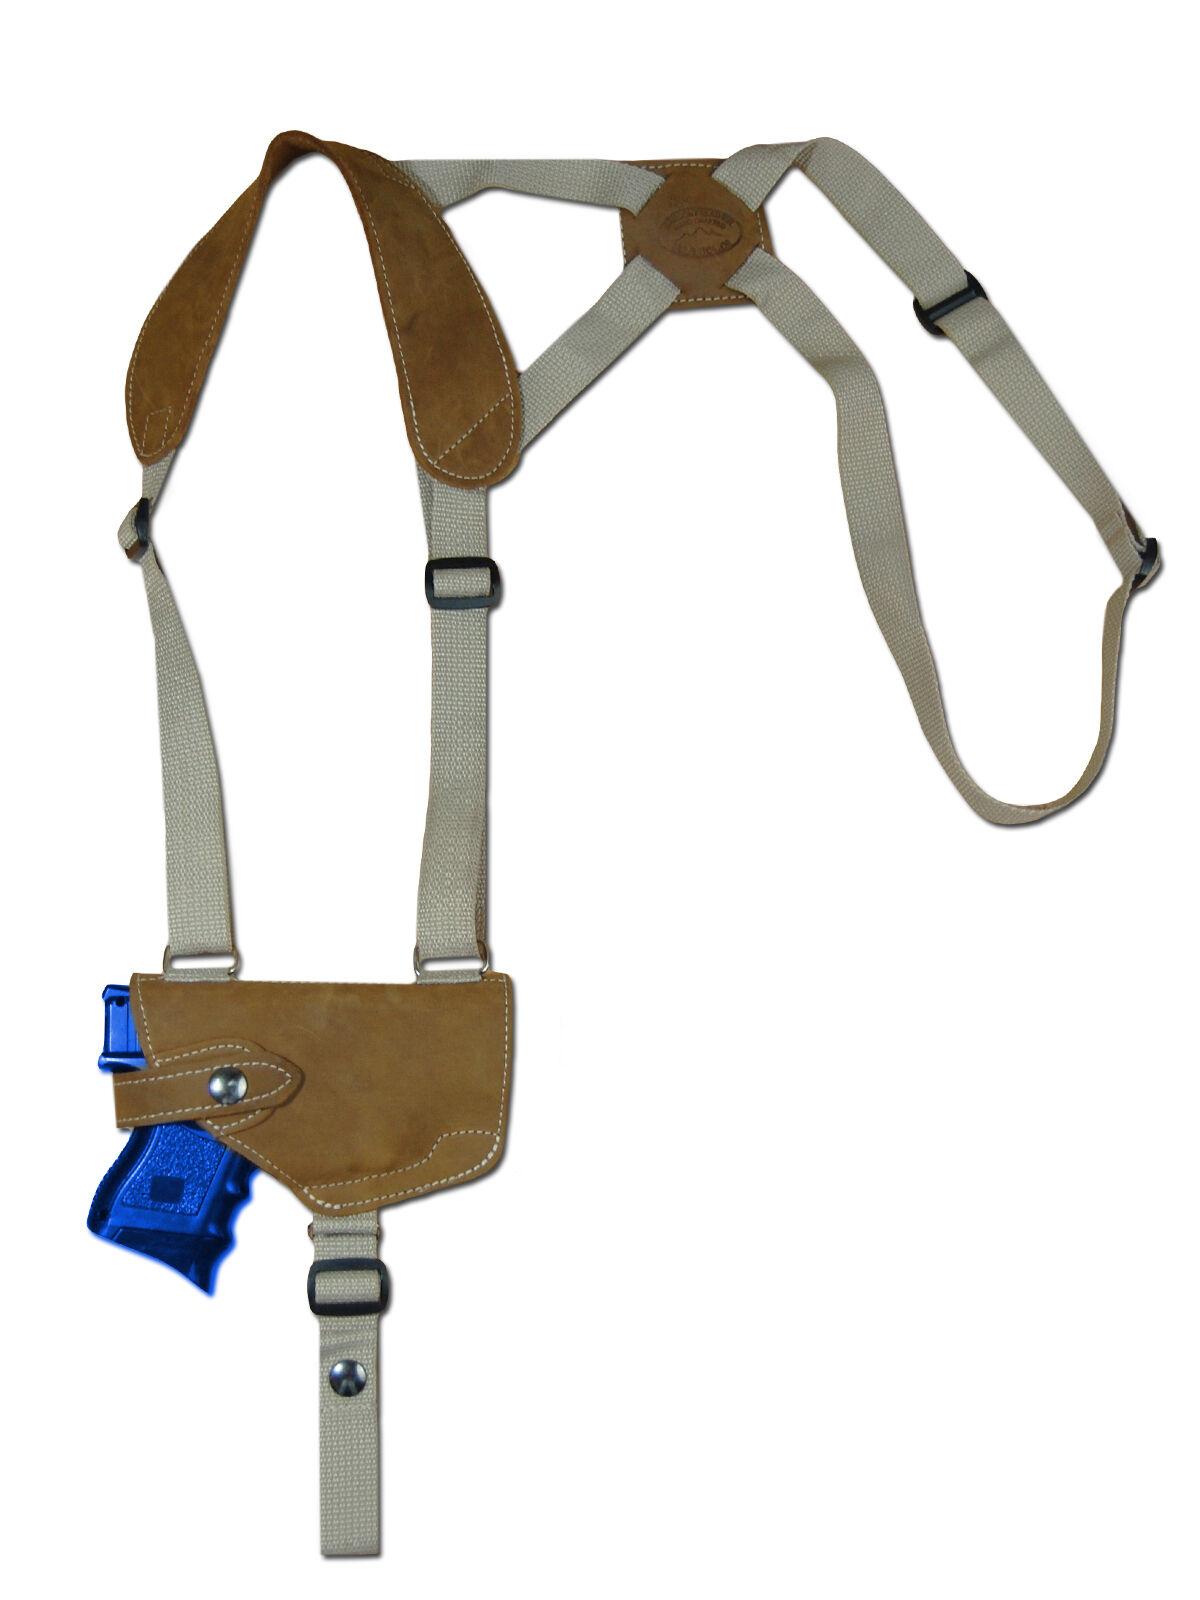 NEW Barsony Olive Drab Leder Shoulder Holster Paraordnance Comp 9mm 40 45 HOR